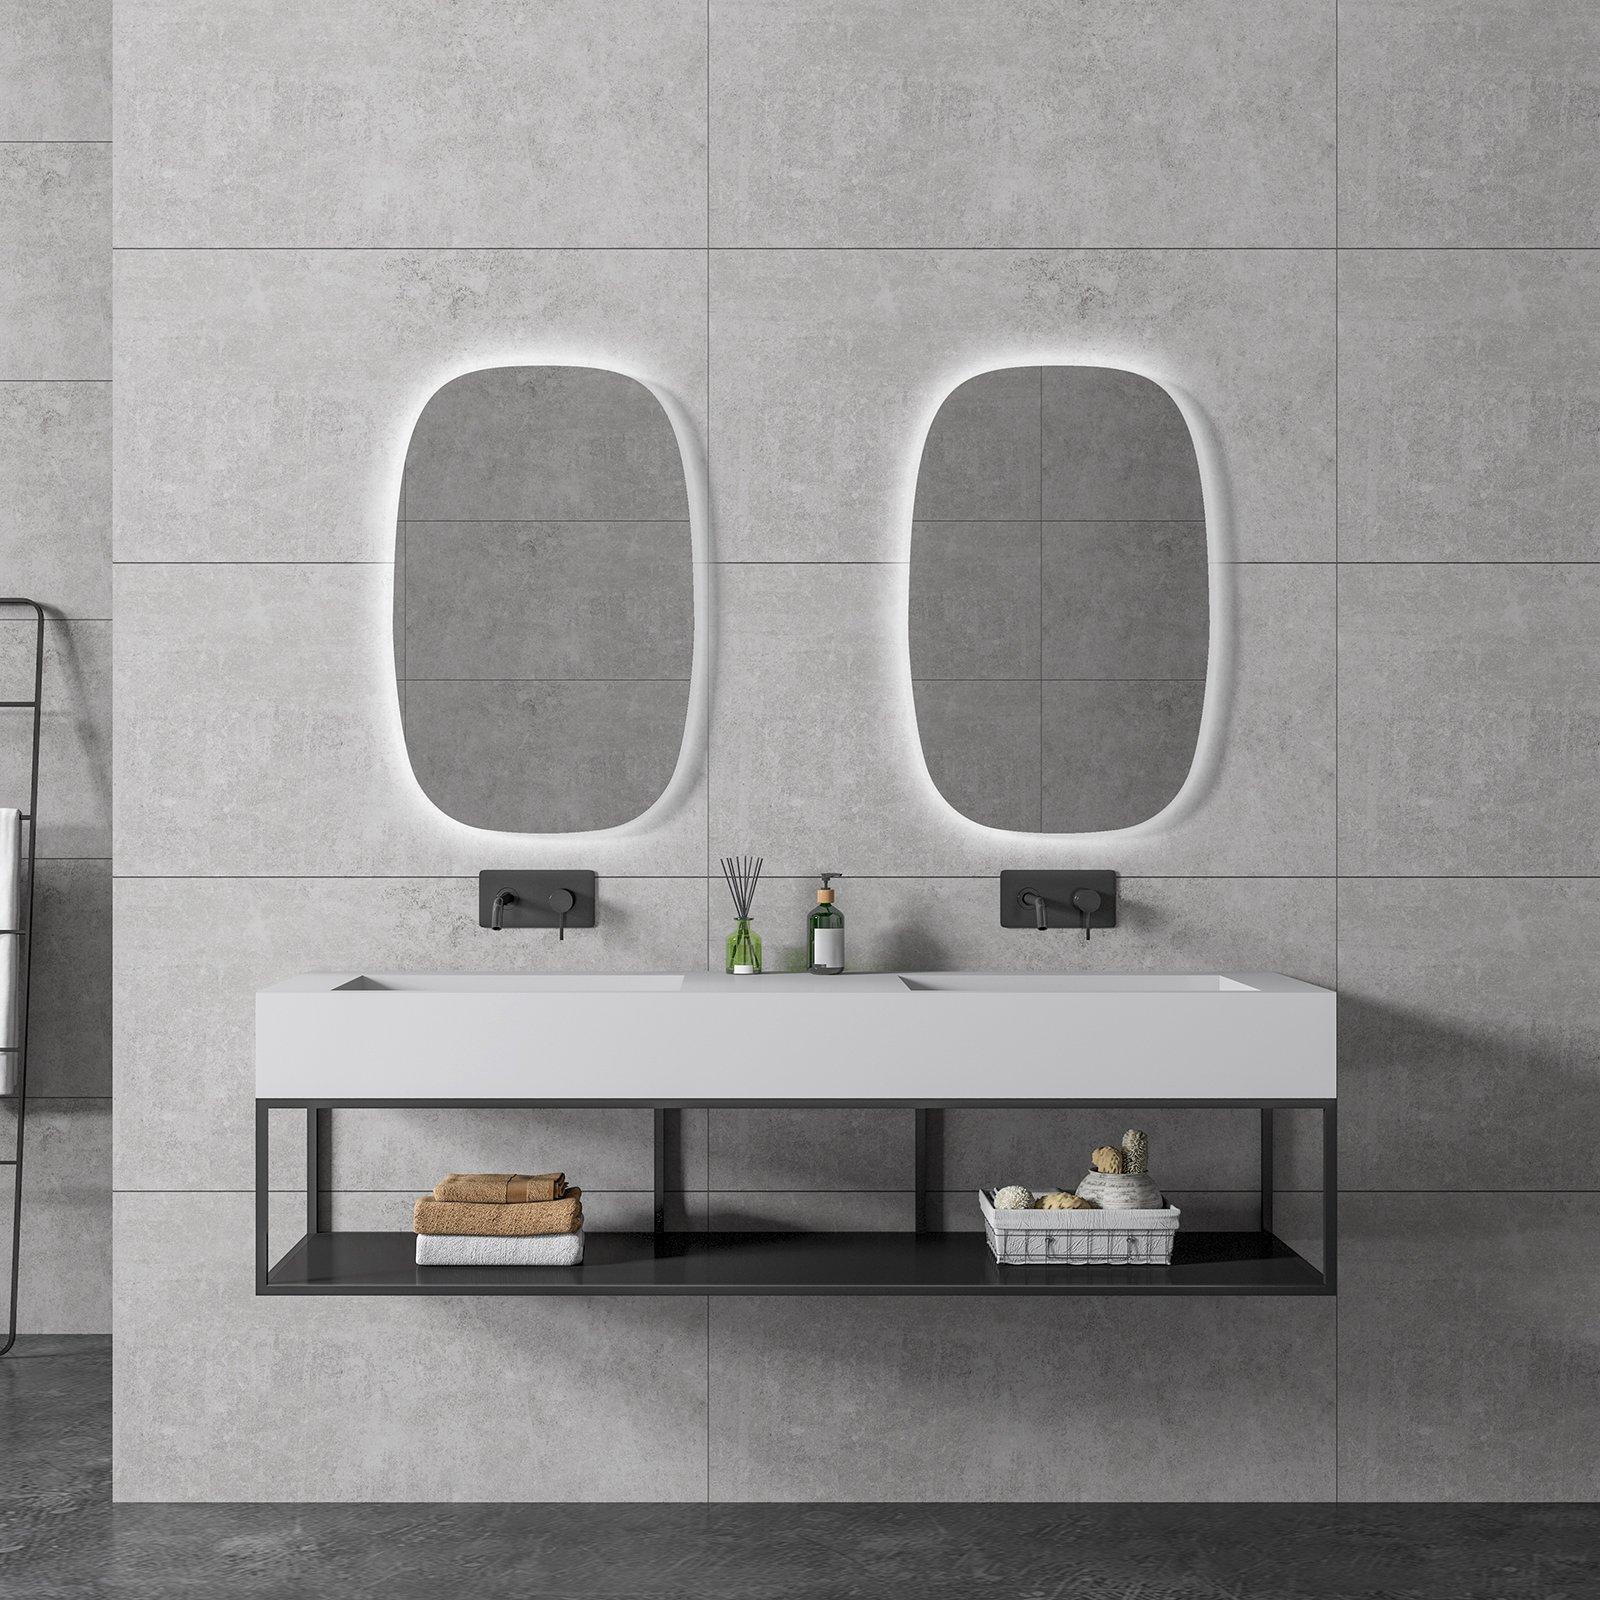 Waschbecken Metallkonsole 150S hängend - Schwarz matt - passendes Untergestell für BERNSTEIN Waschbecken TWG16